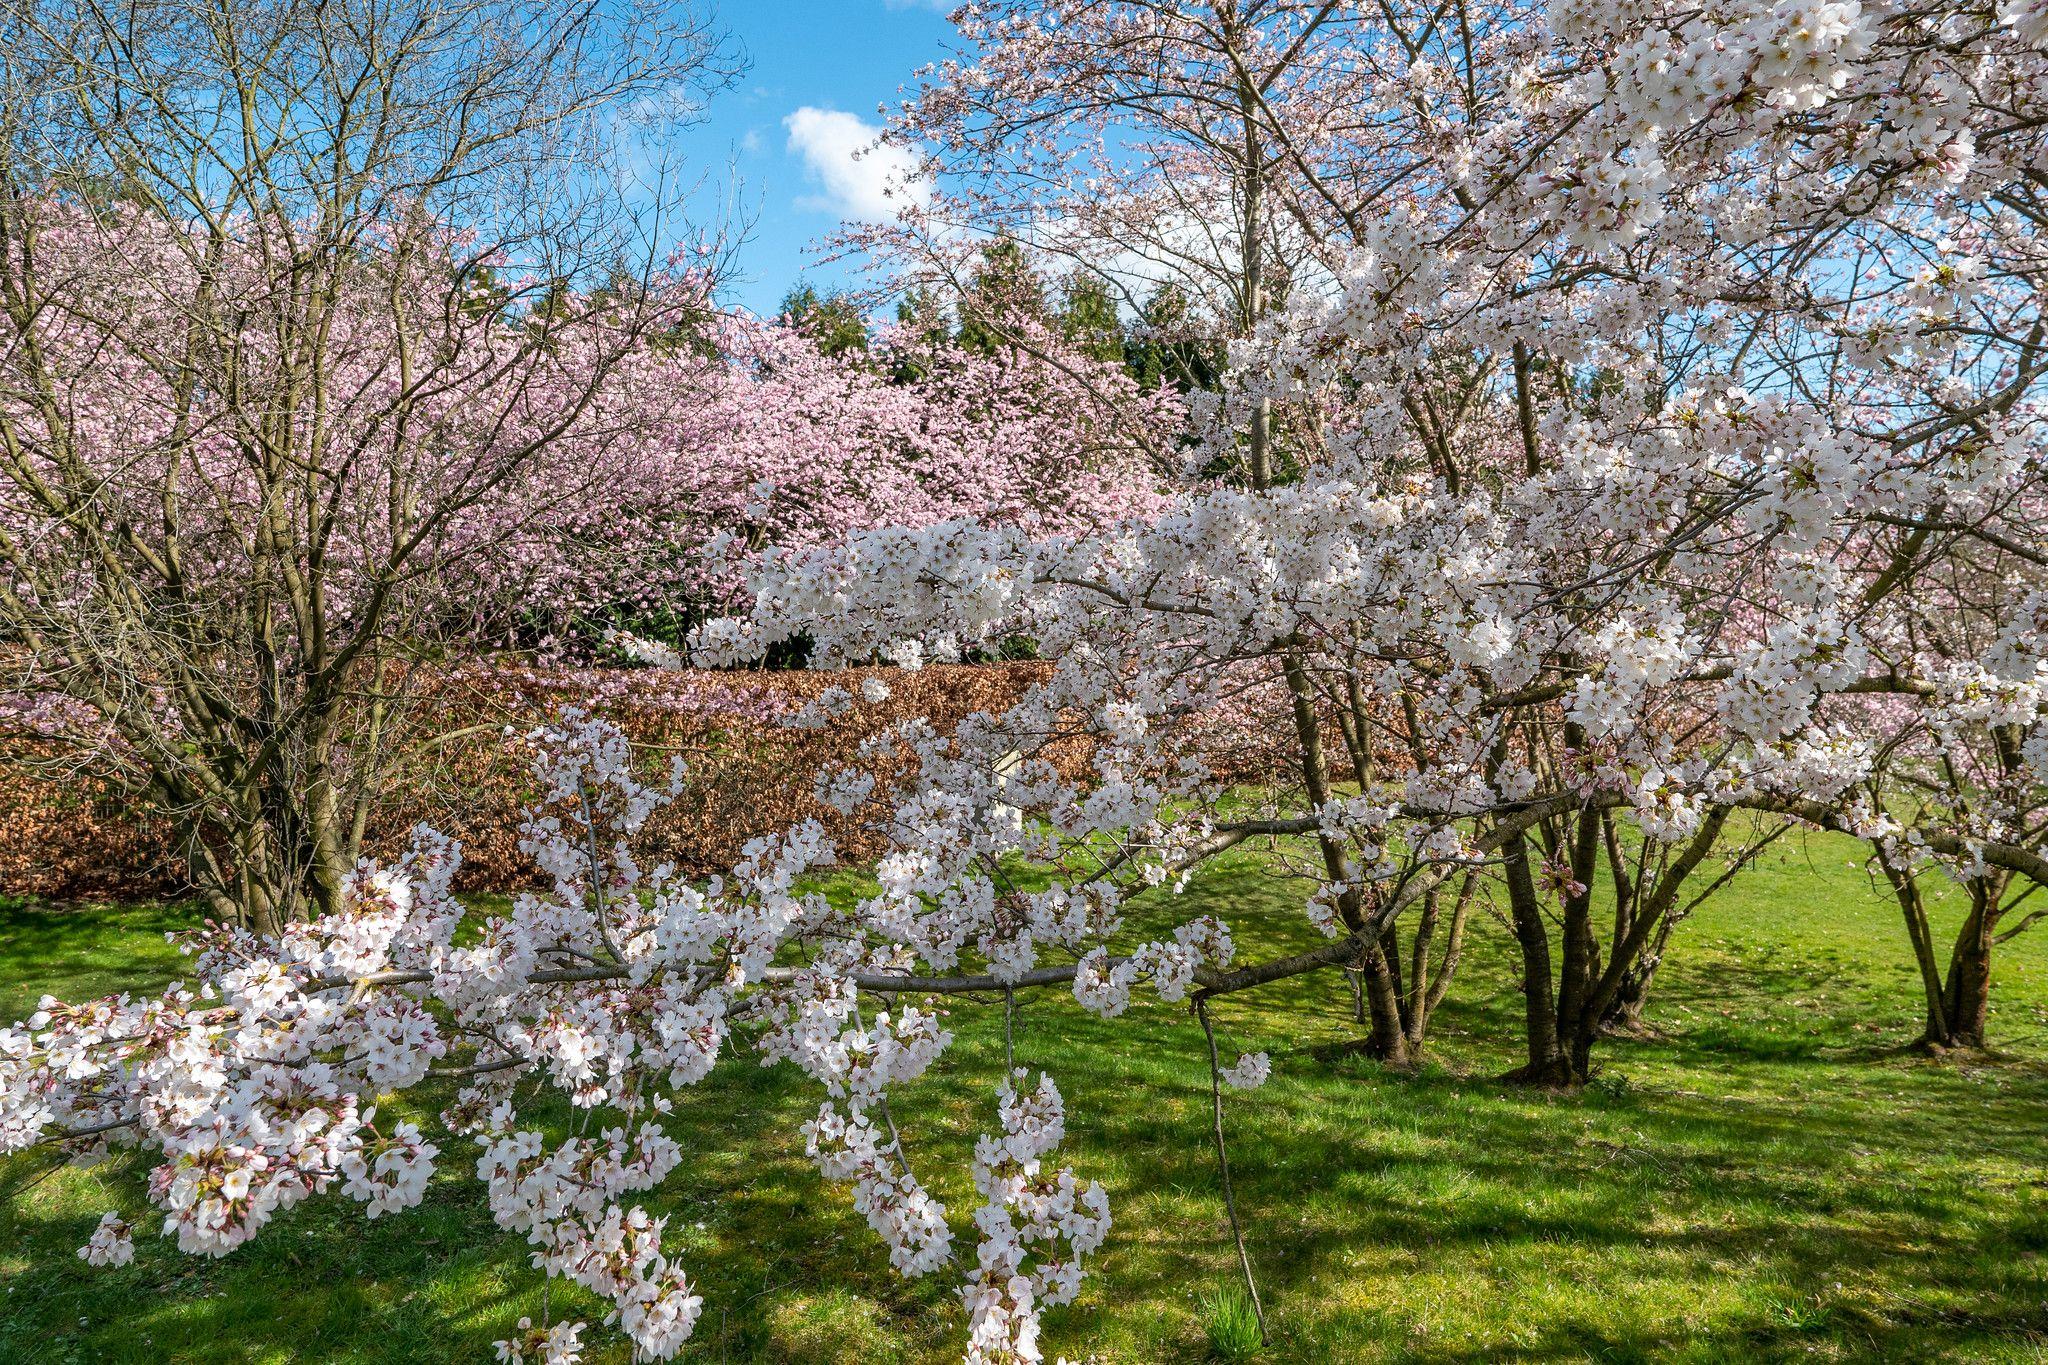 Berlin Garten Der Welt Bluhende Kirschbaume Auf Einer Wiese Neben Dem Japanischen Garten Berlin Gardens Of The World Flowering Cherry Trees On The Green N Flowering Cherry Tree Gardens Of